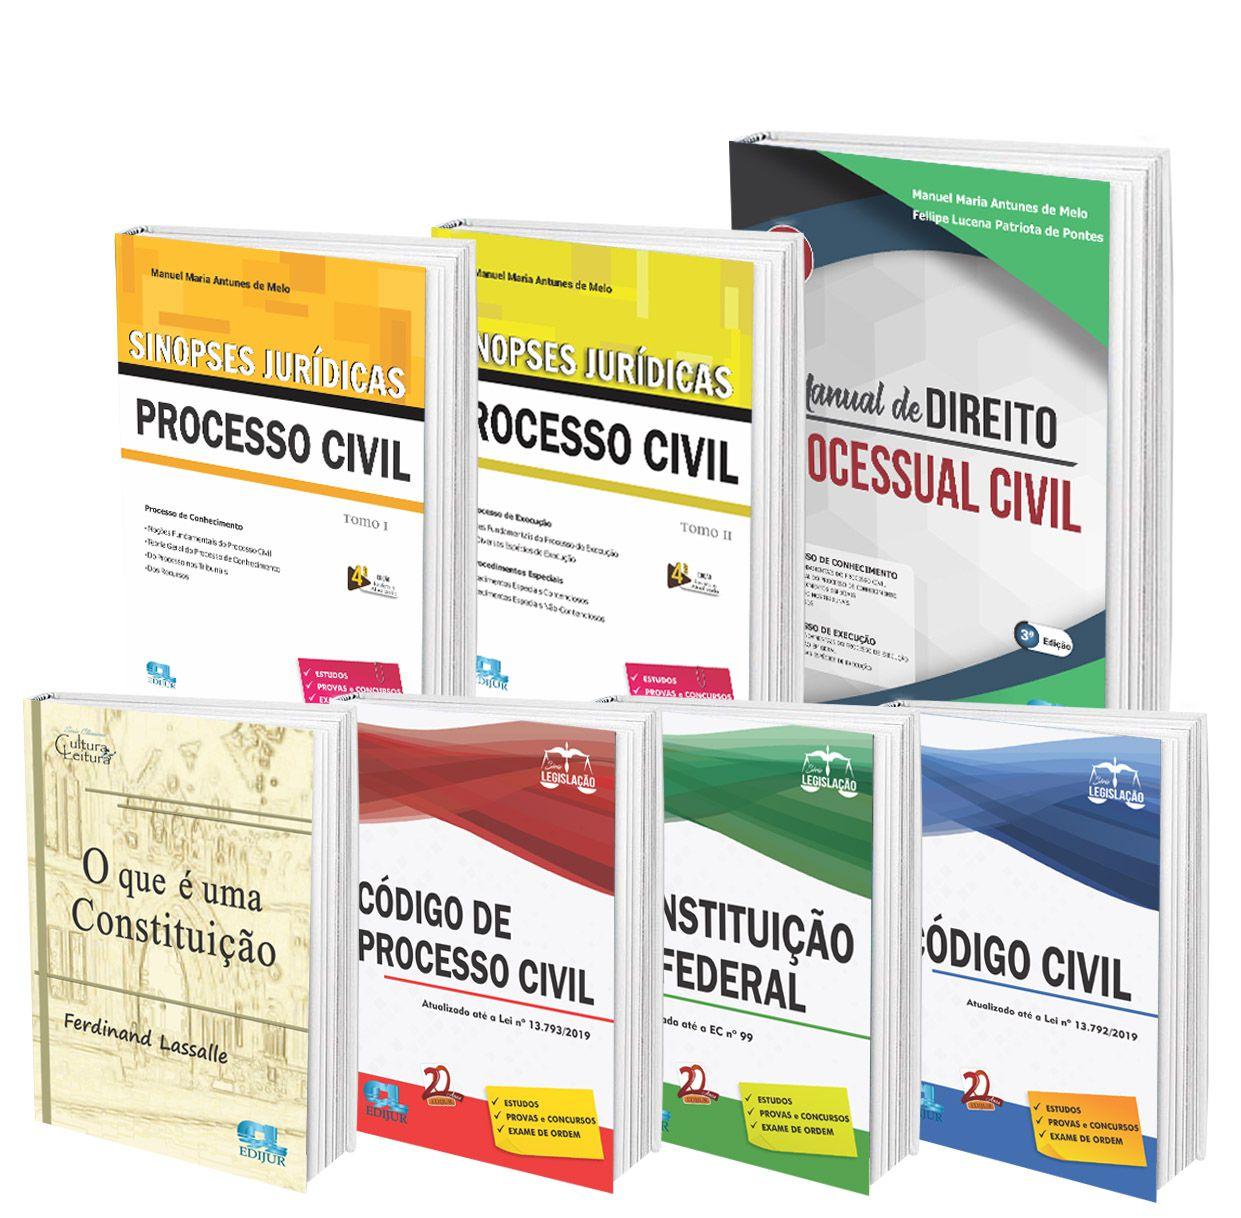 COMBO - Série Legislação - O que é uma constituição + Sinopses Processo Civil + Manual de Direito Processual Civil  - Edijur Editora